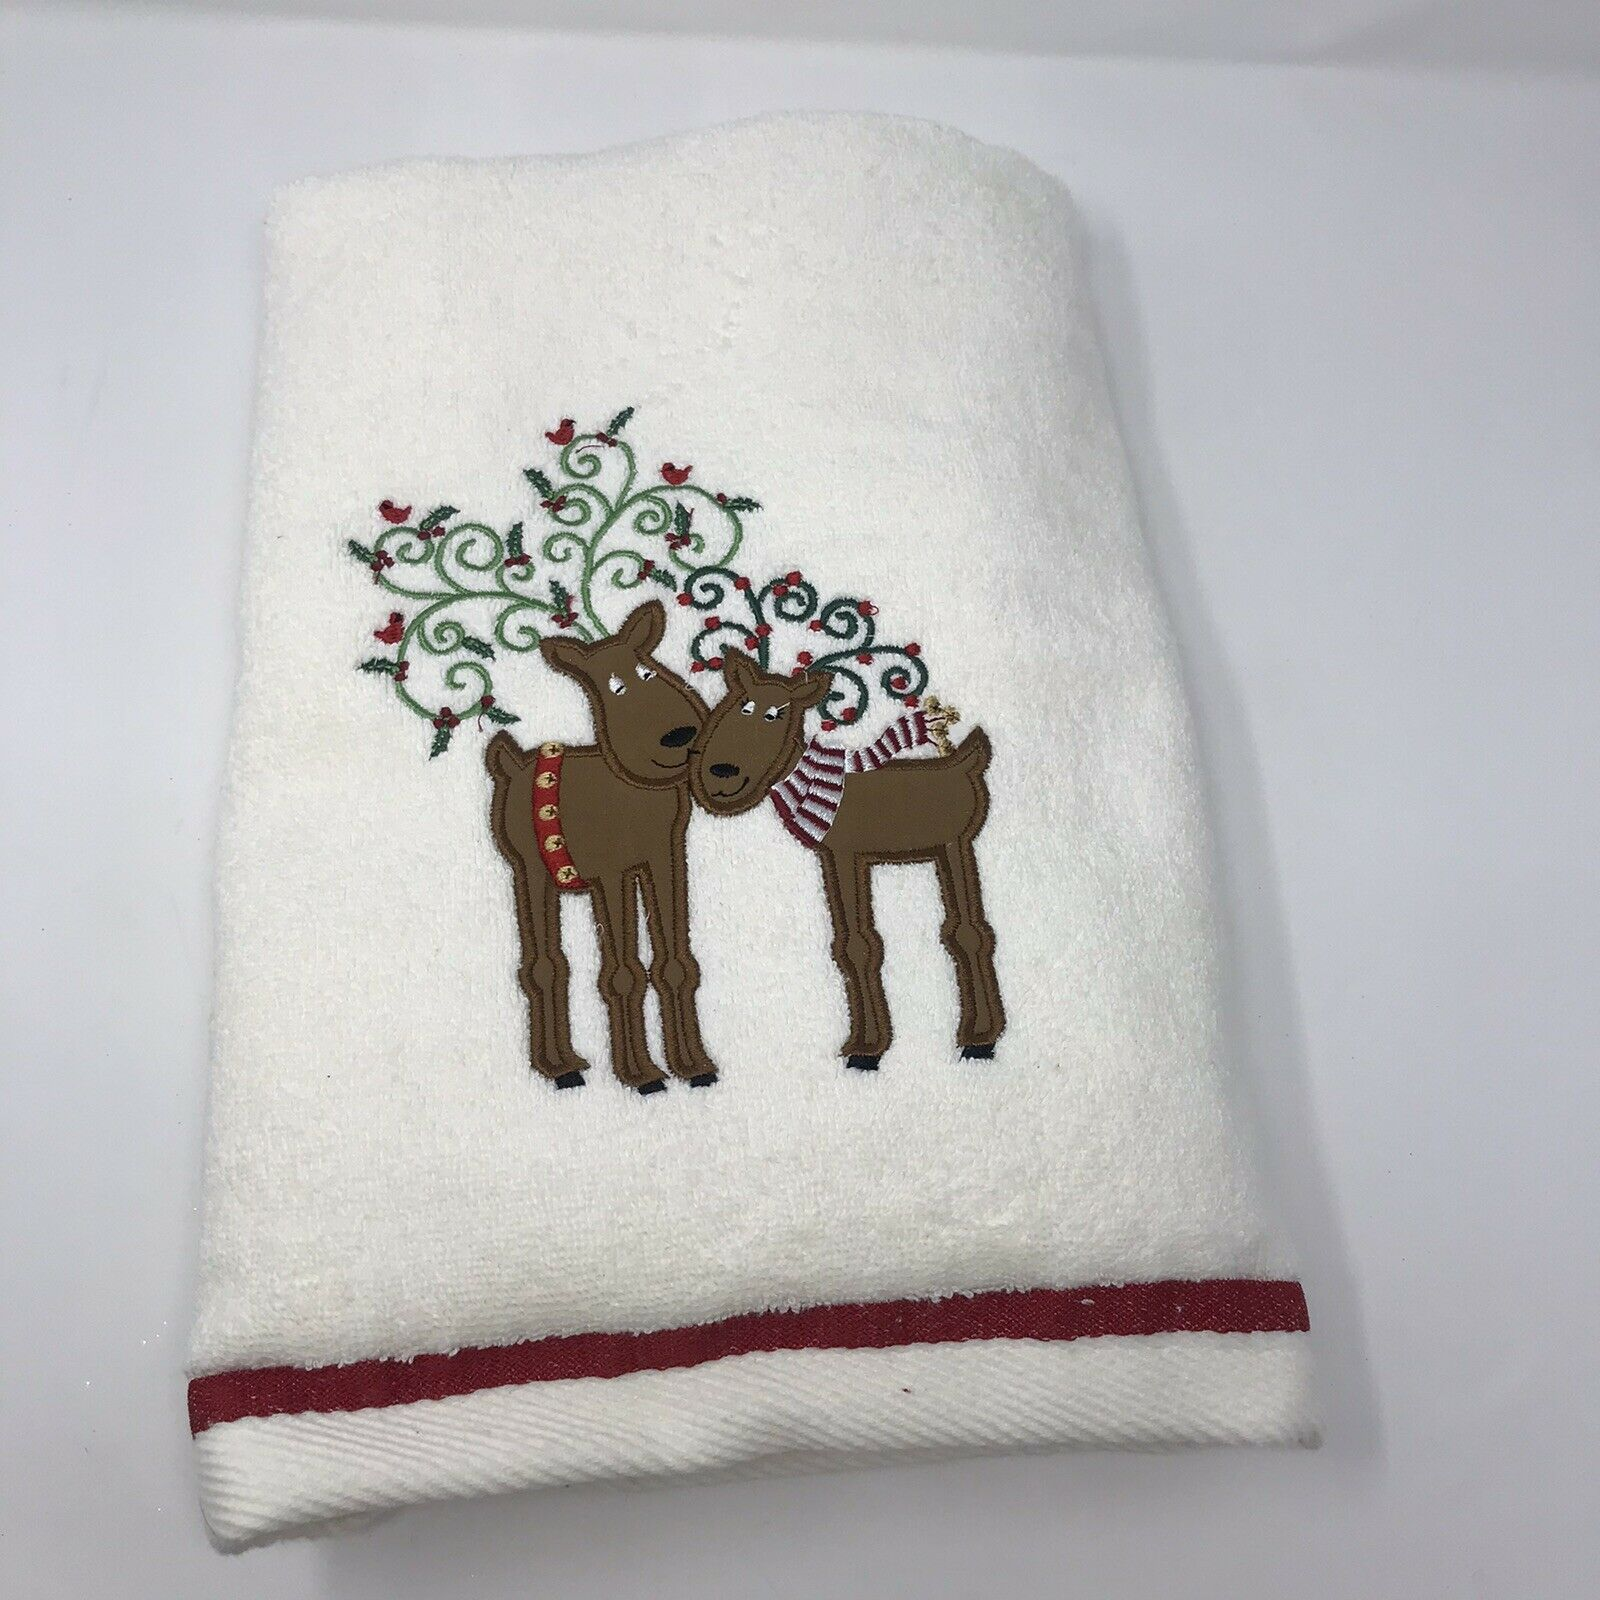 Jingles & Joy Reindeer Couple Bath Towel